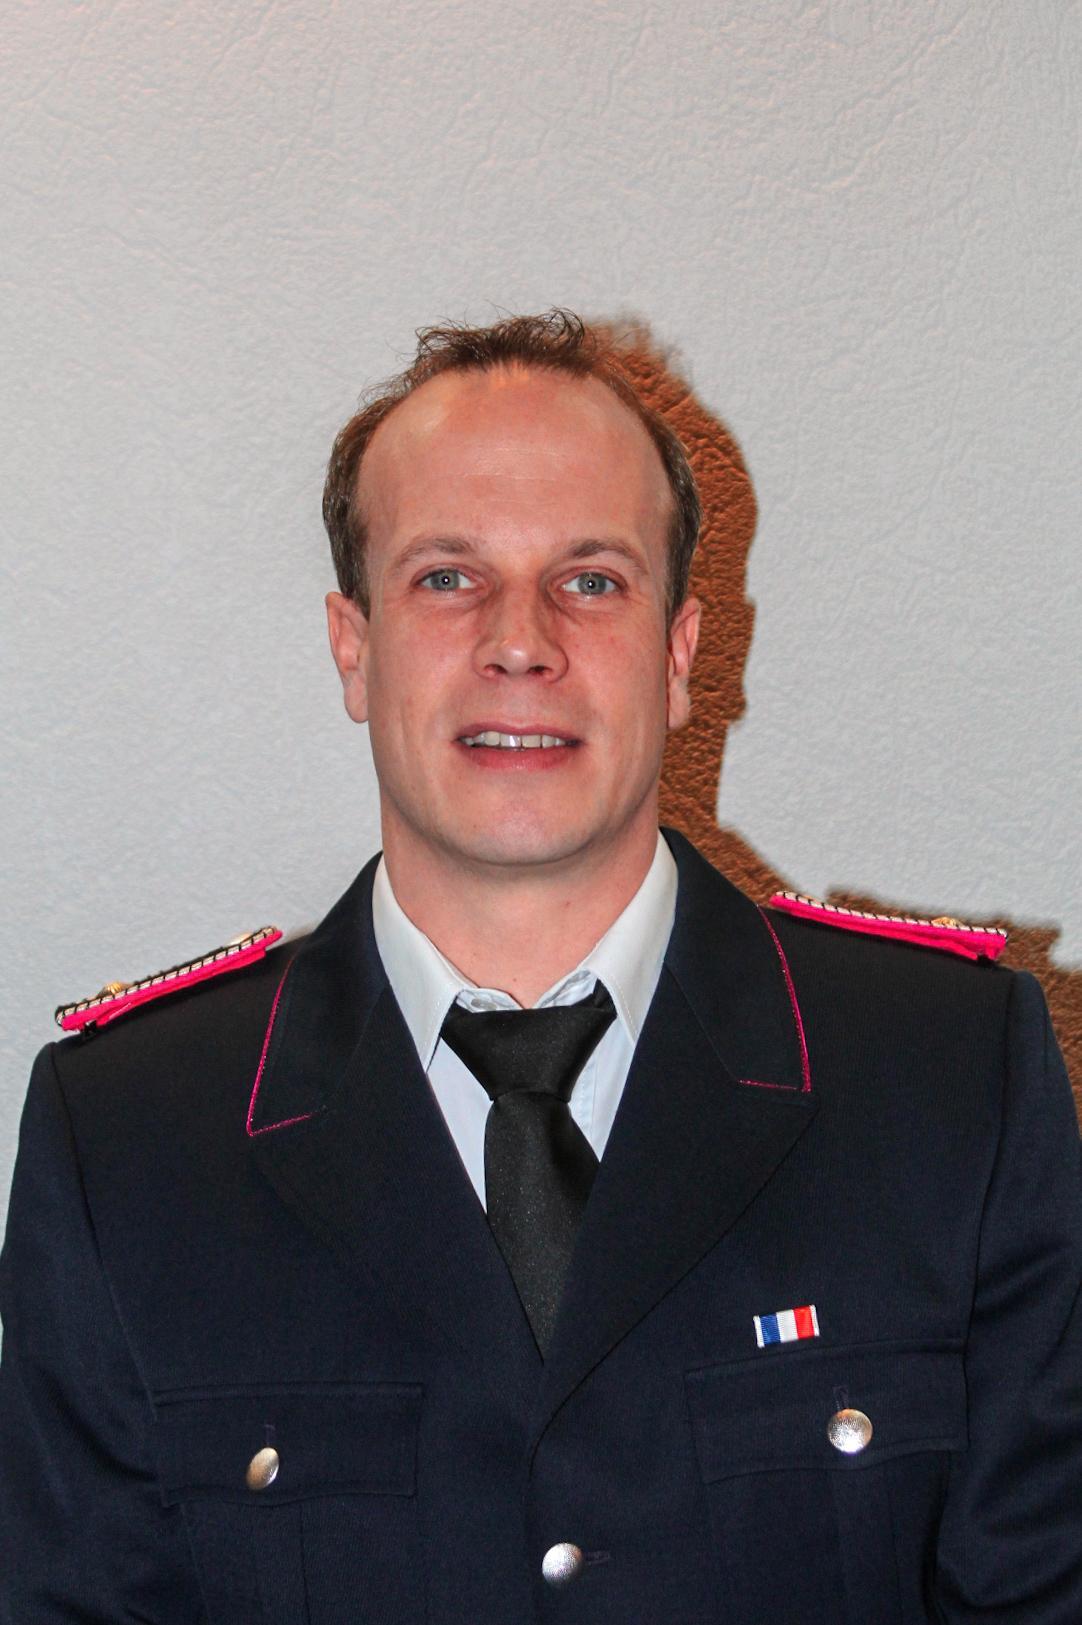 Tim Jöhnk